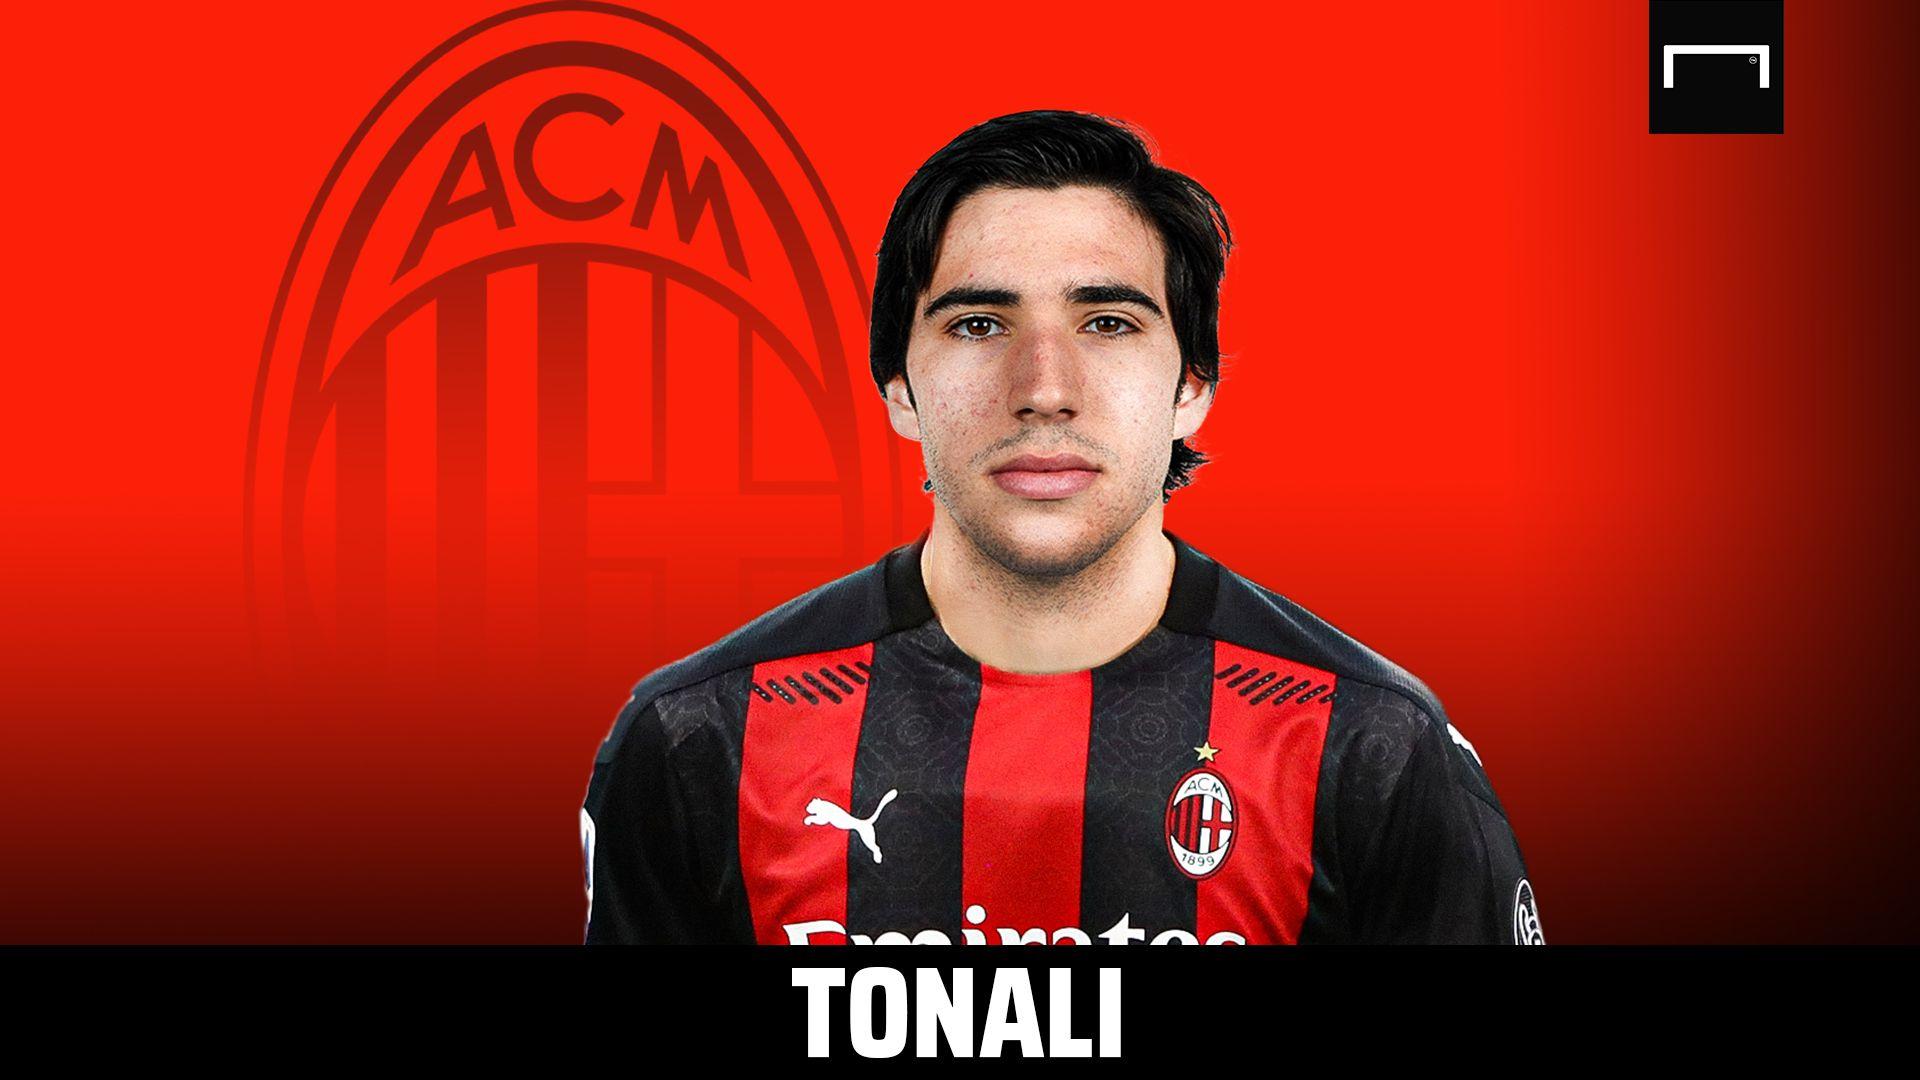 Milan, ufficiale l'acquisto di Tonali: i dettagli e le cifre dell'operazione